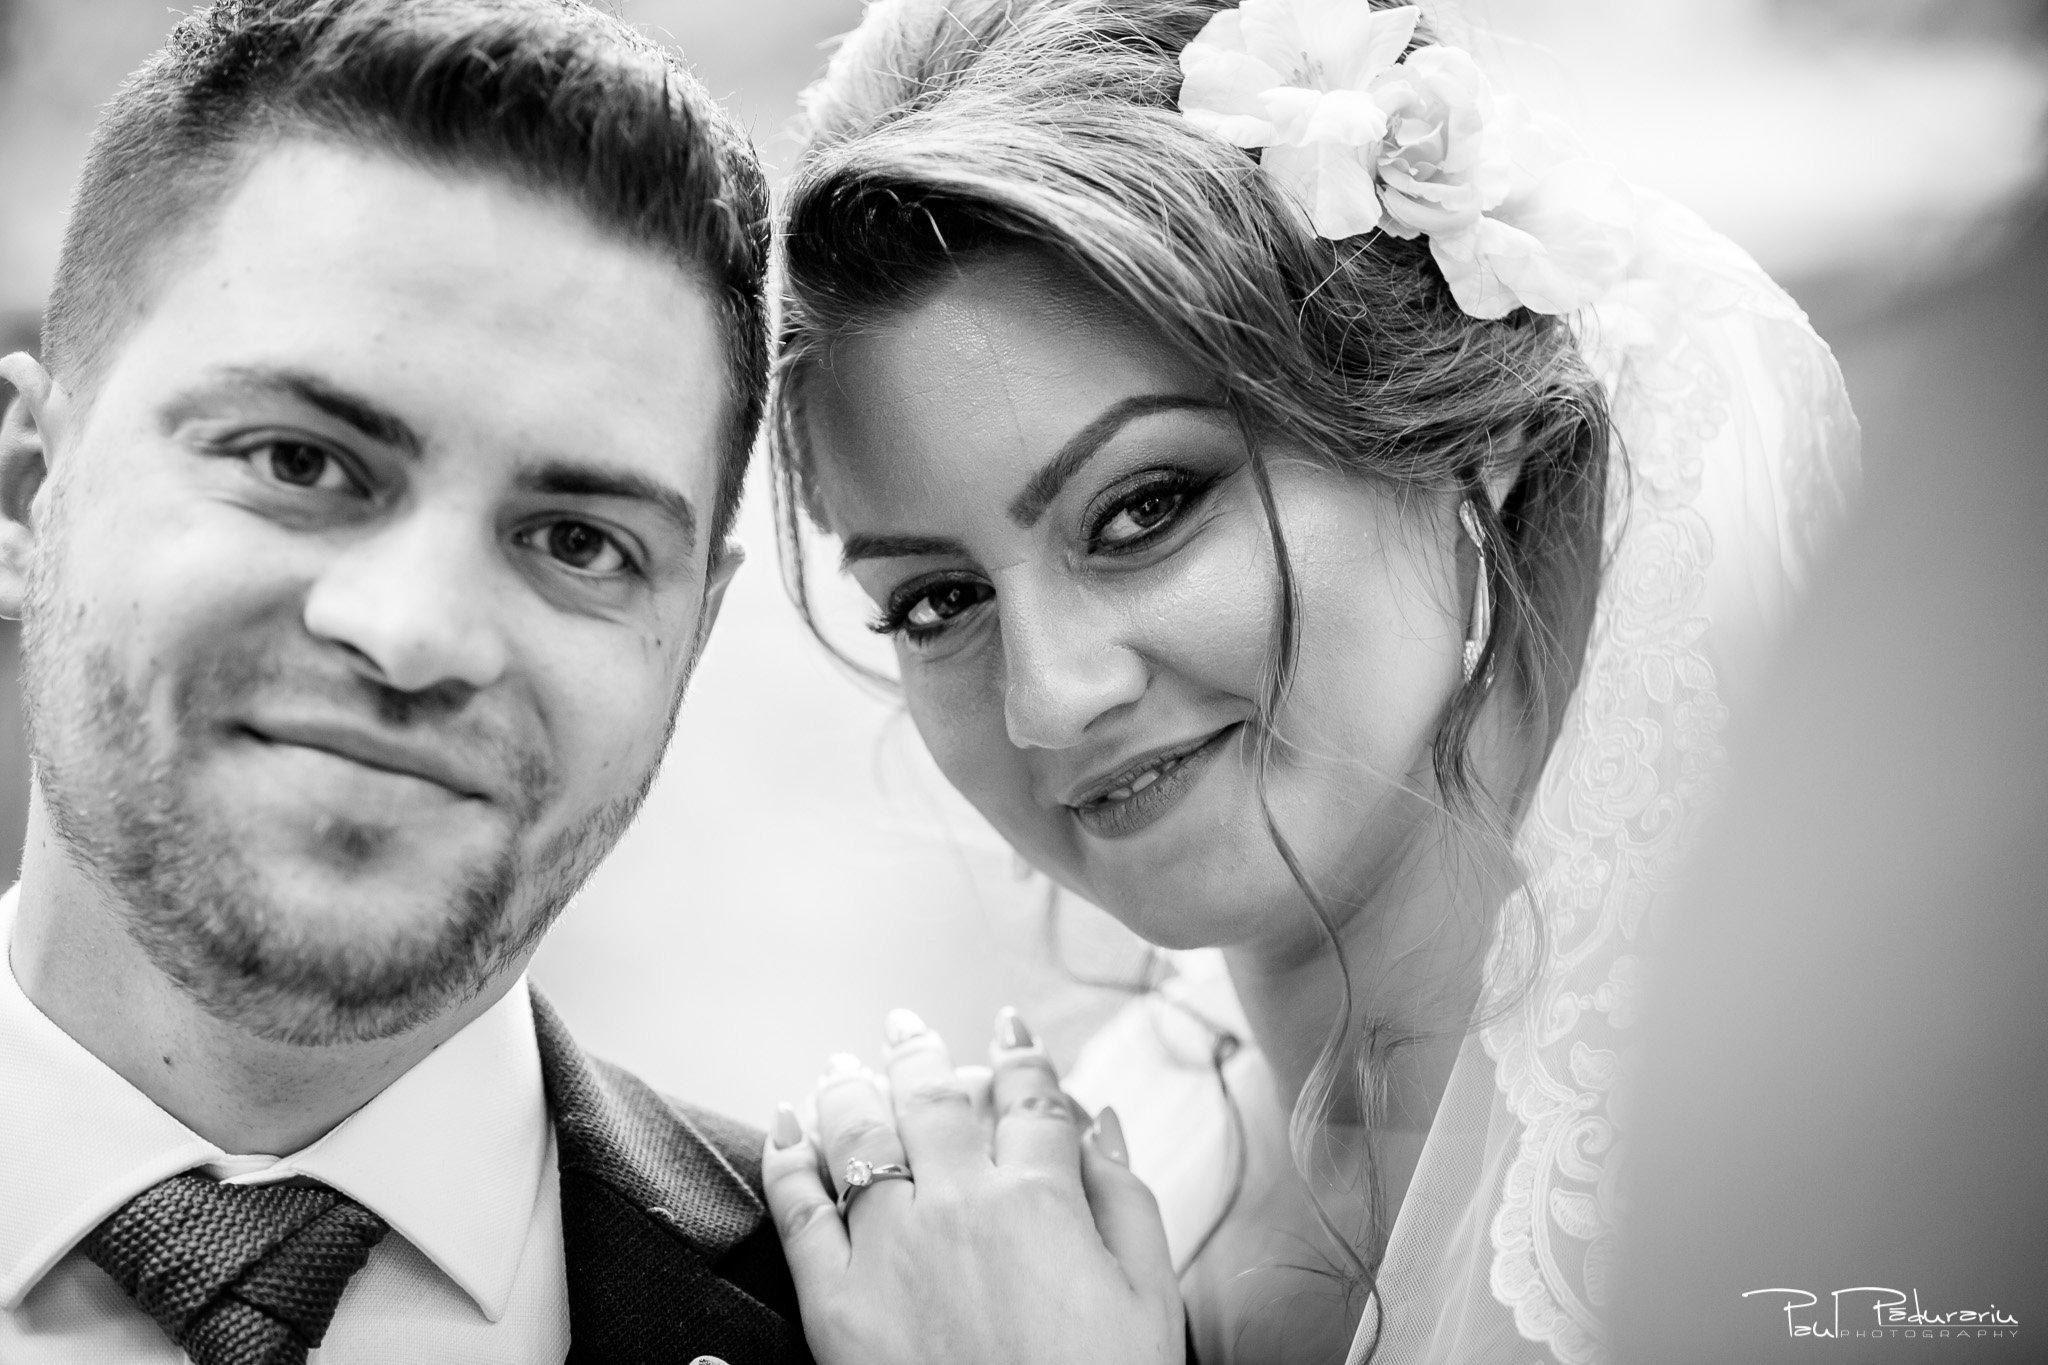 Ariadna si Iulian sedinta foto alb negru nunta Iasi www.paulpadurariu.ro © 2017 Paul Padurariu fotograf profesionist